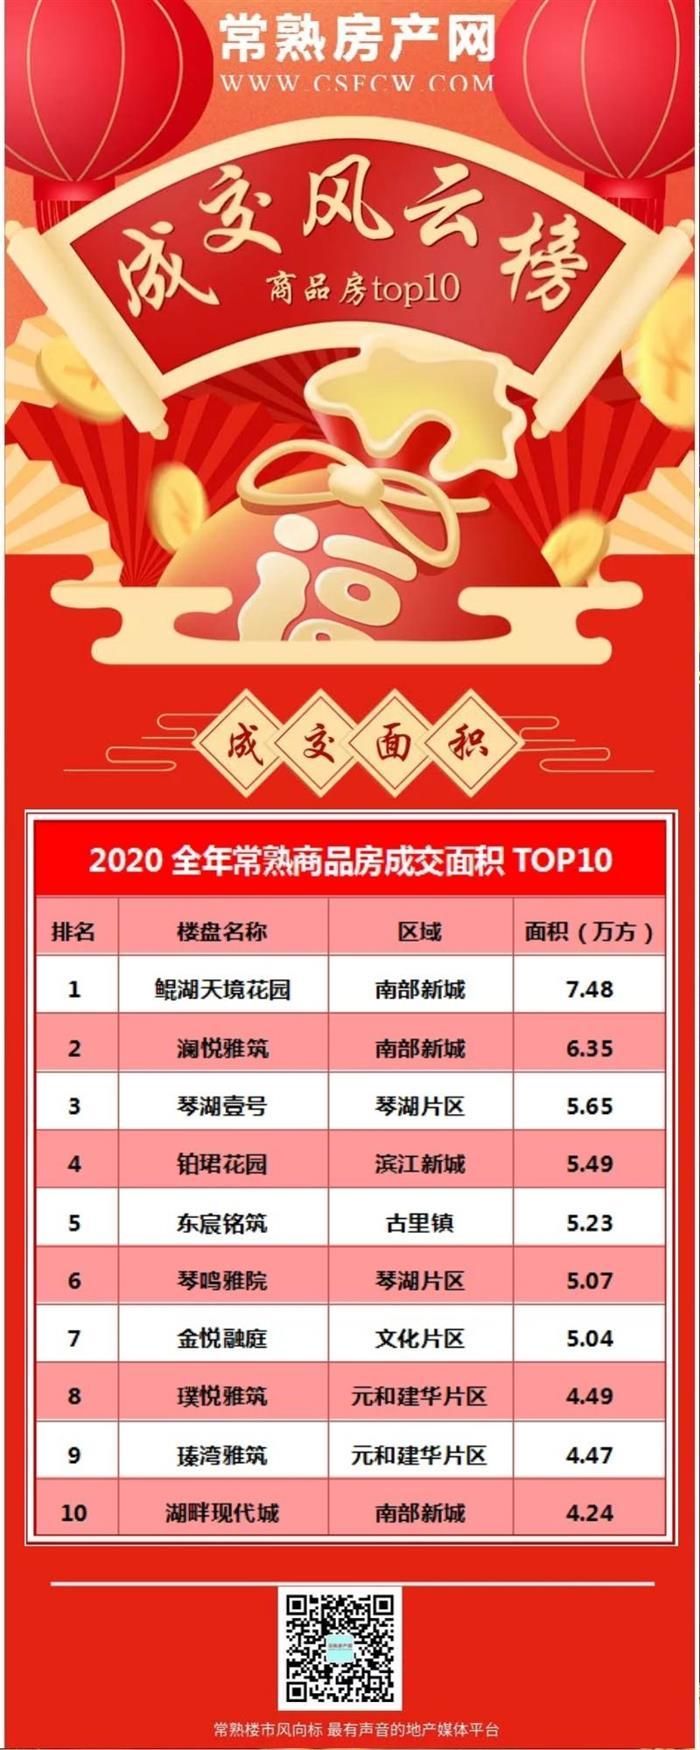 2020全年常熟新建商品房成交TOP榜出炉 榜首竟然是...